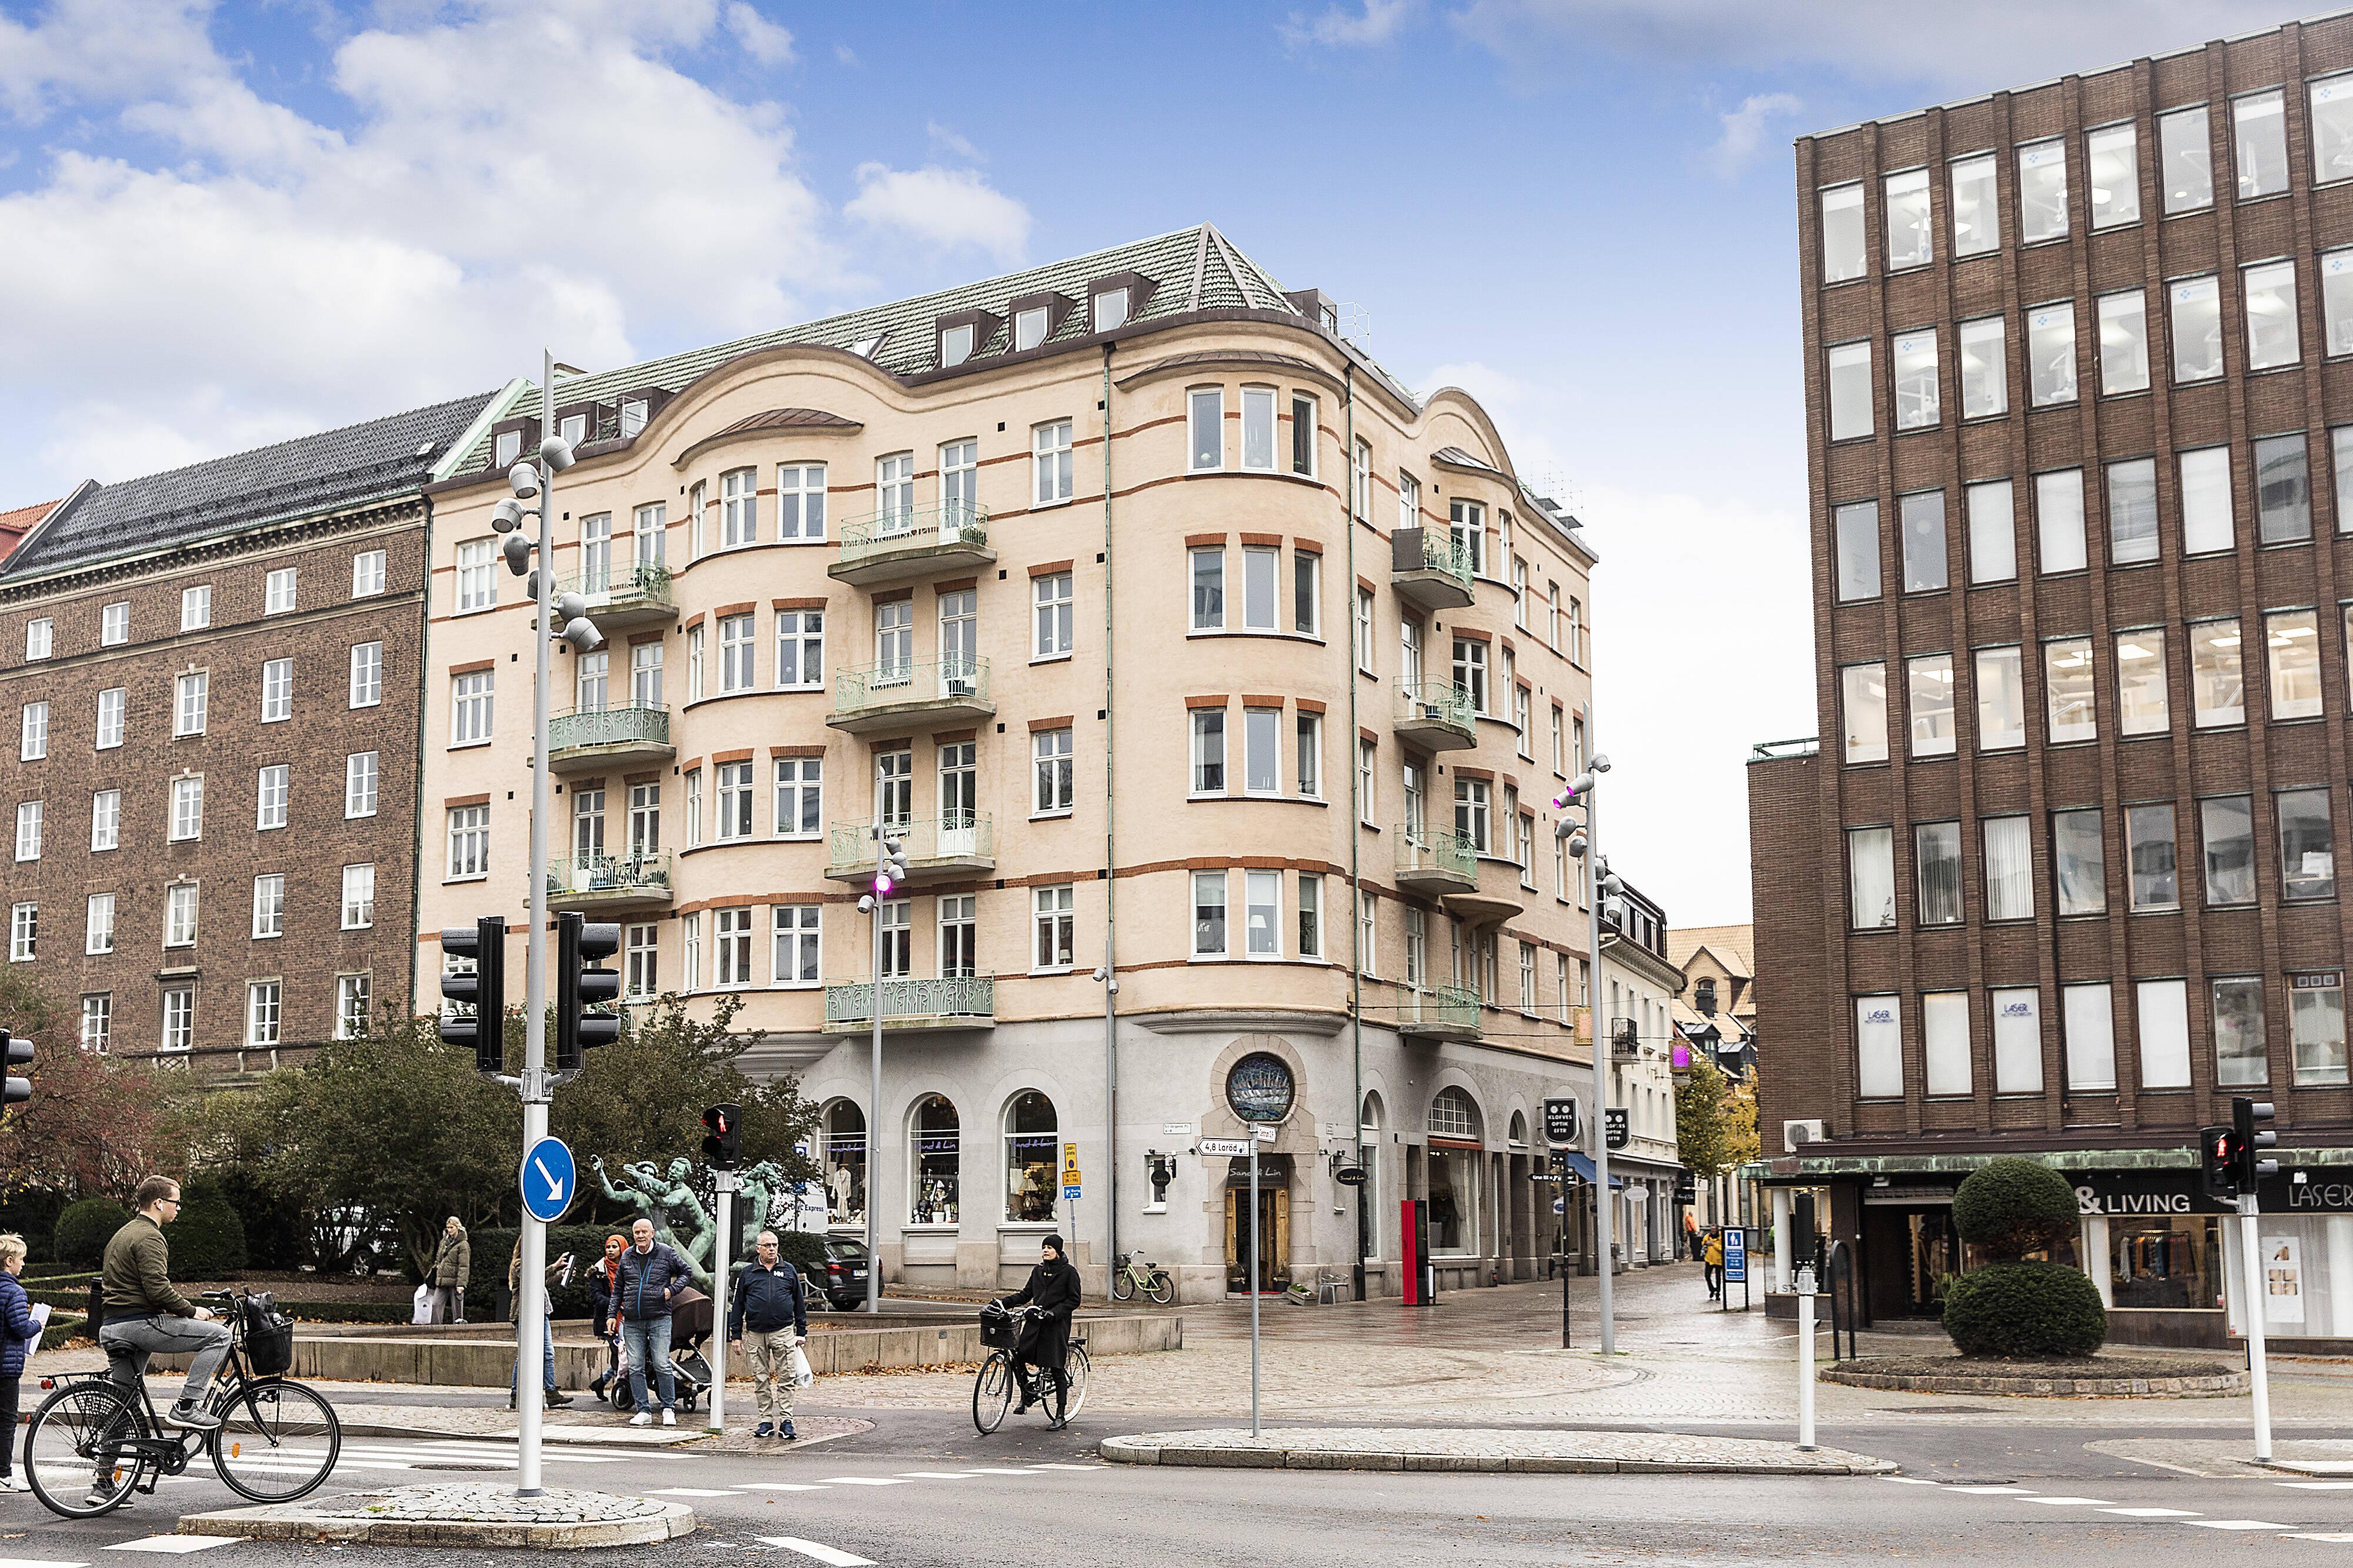 Vacker, pampig fastighet med utsökt centralt, öppet läge invid S:t Jörgens plats på Kullagatan